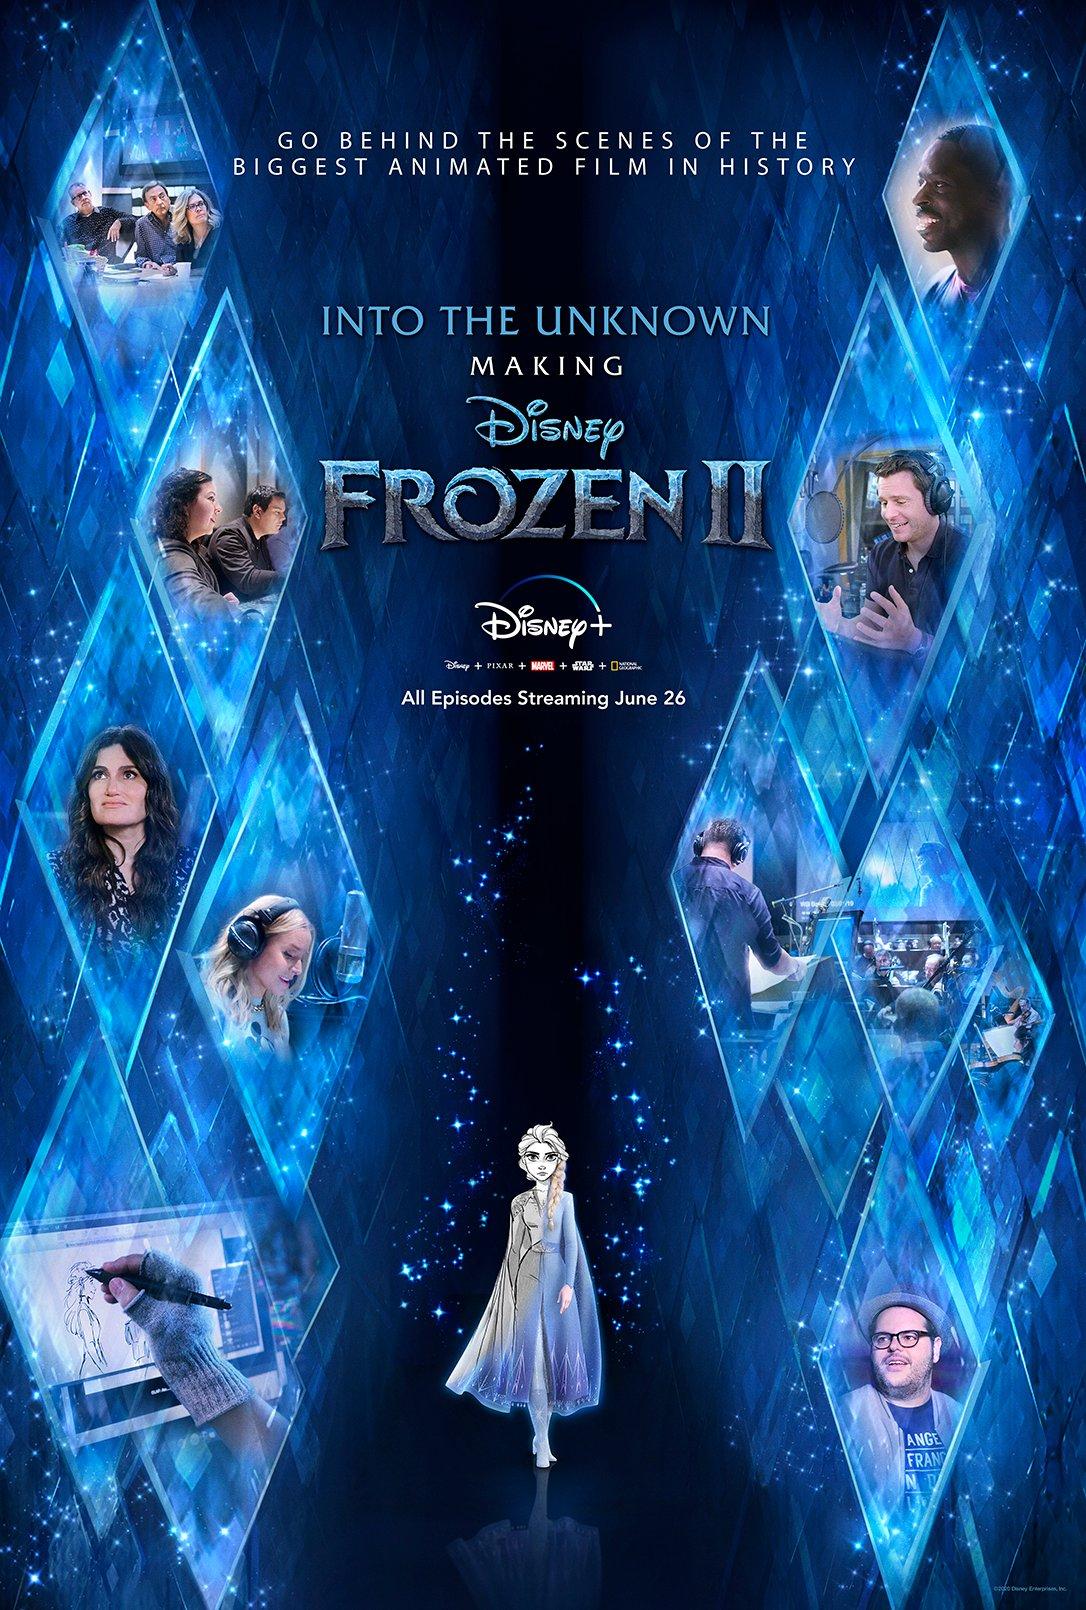 Dans un Autre Monde : Les Coulisses de La Reine des Neiges II [Disney - 2020] EbIiiI0U8AYSHQd?format=jpg&name=large